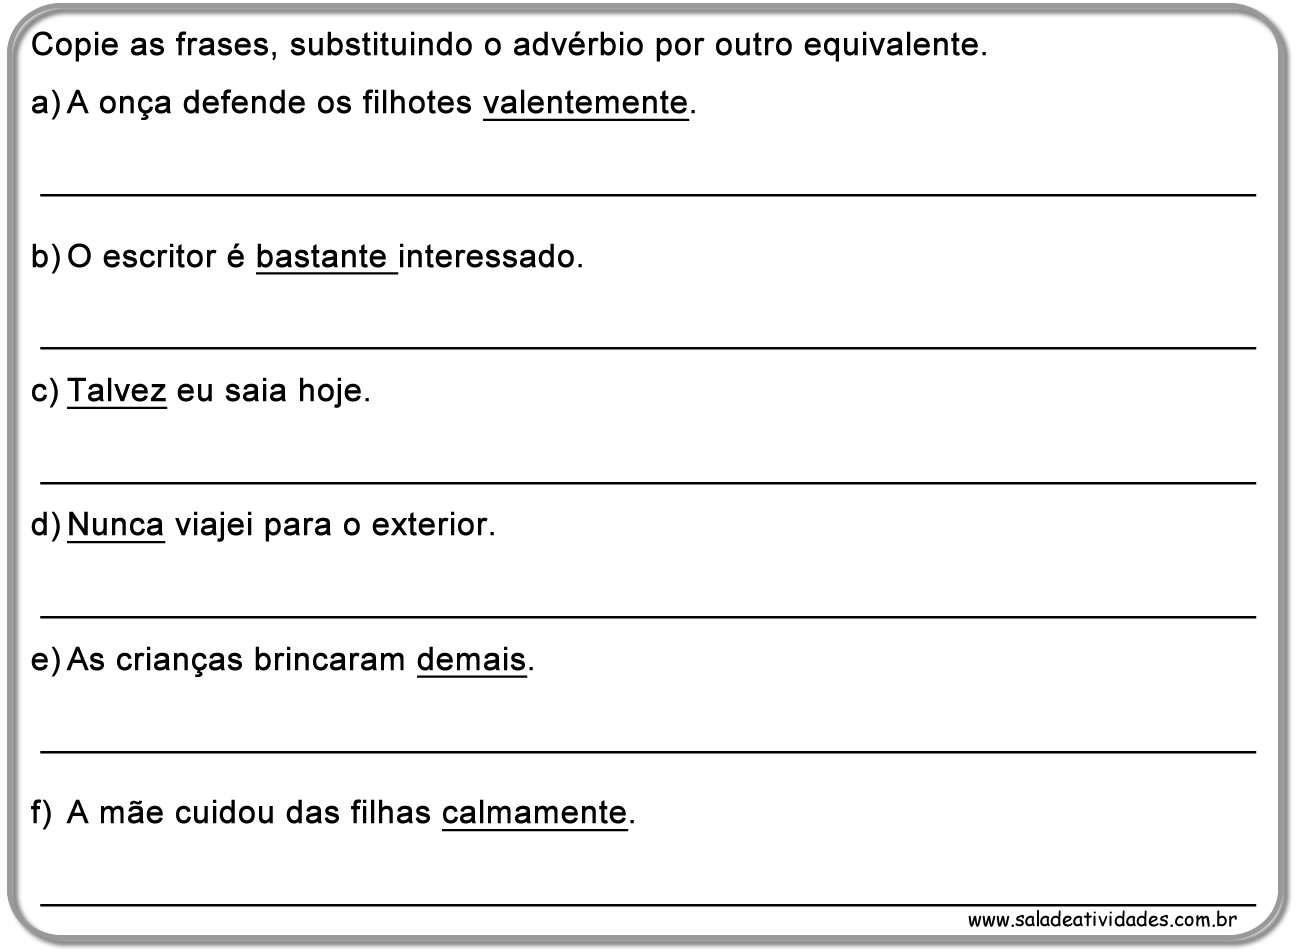 Atividades De Adv Rbio Prontas Para Imprimirsala De Atividades -> Atividades Com Substantivos Simples E Composto 4 Ano